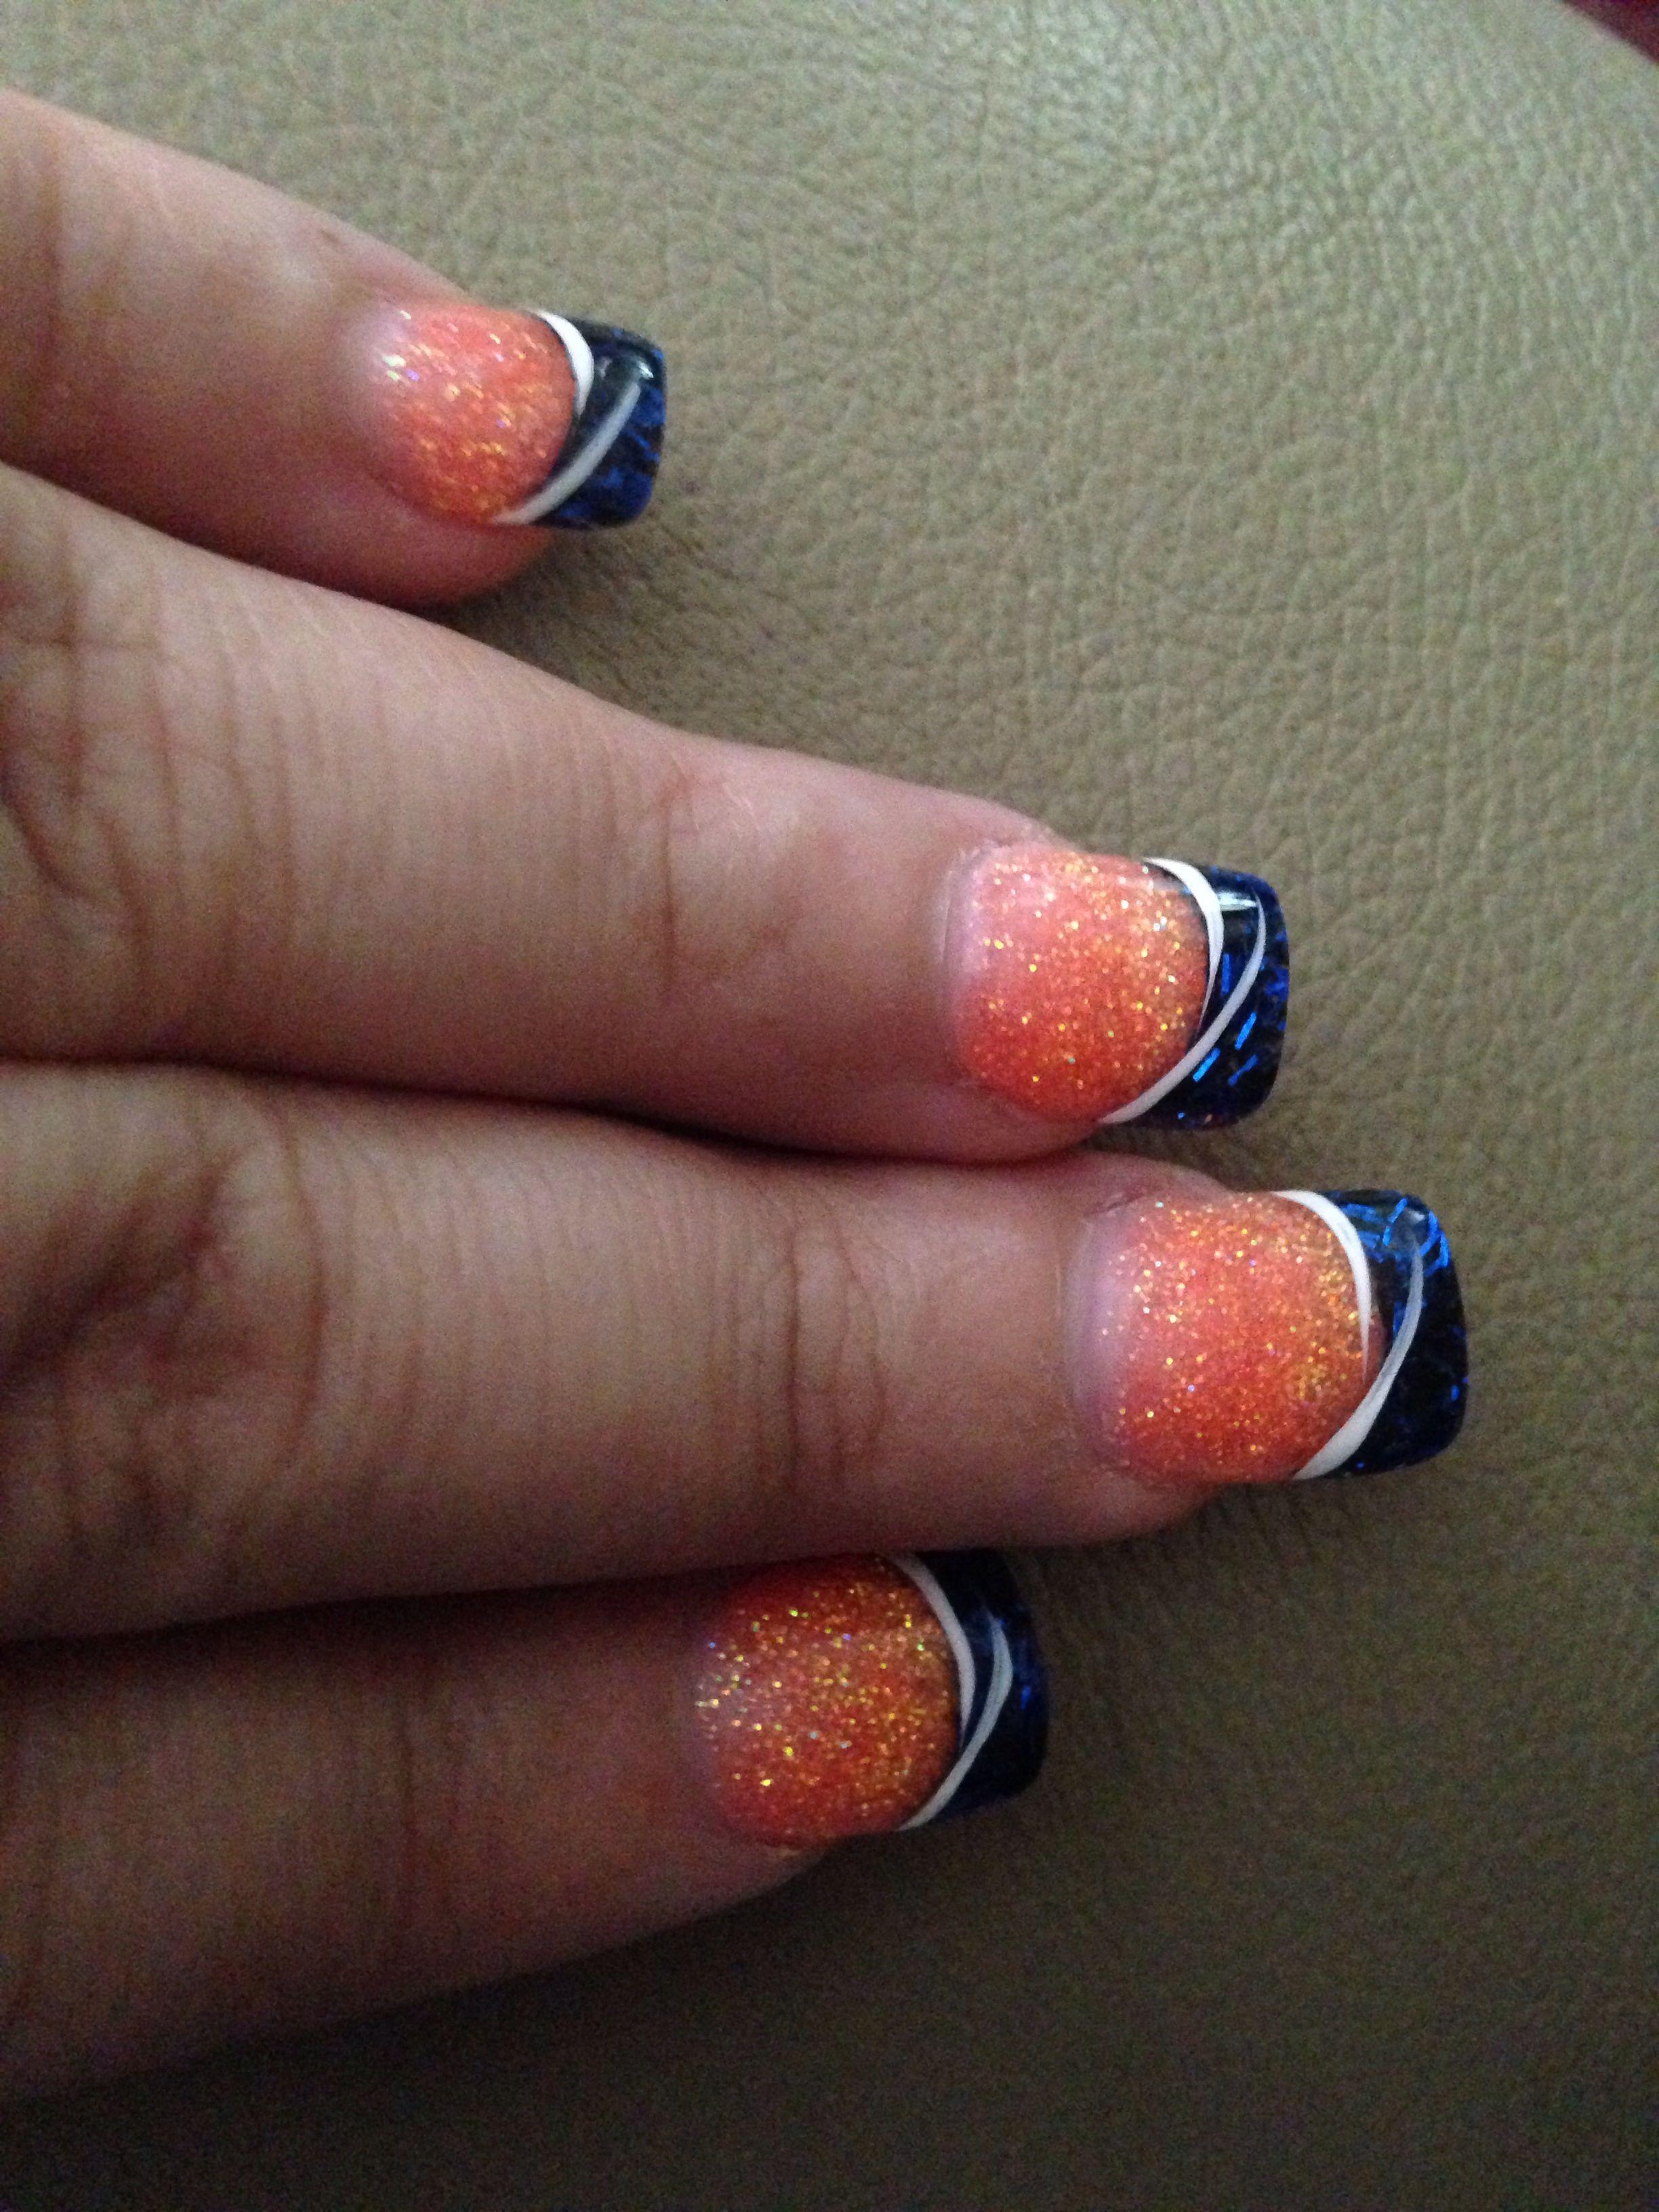 Denver Broncos nails. | Hair Skin and nails | Pinterest | Denver ...